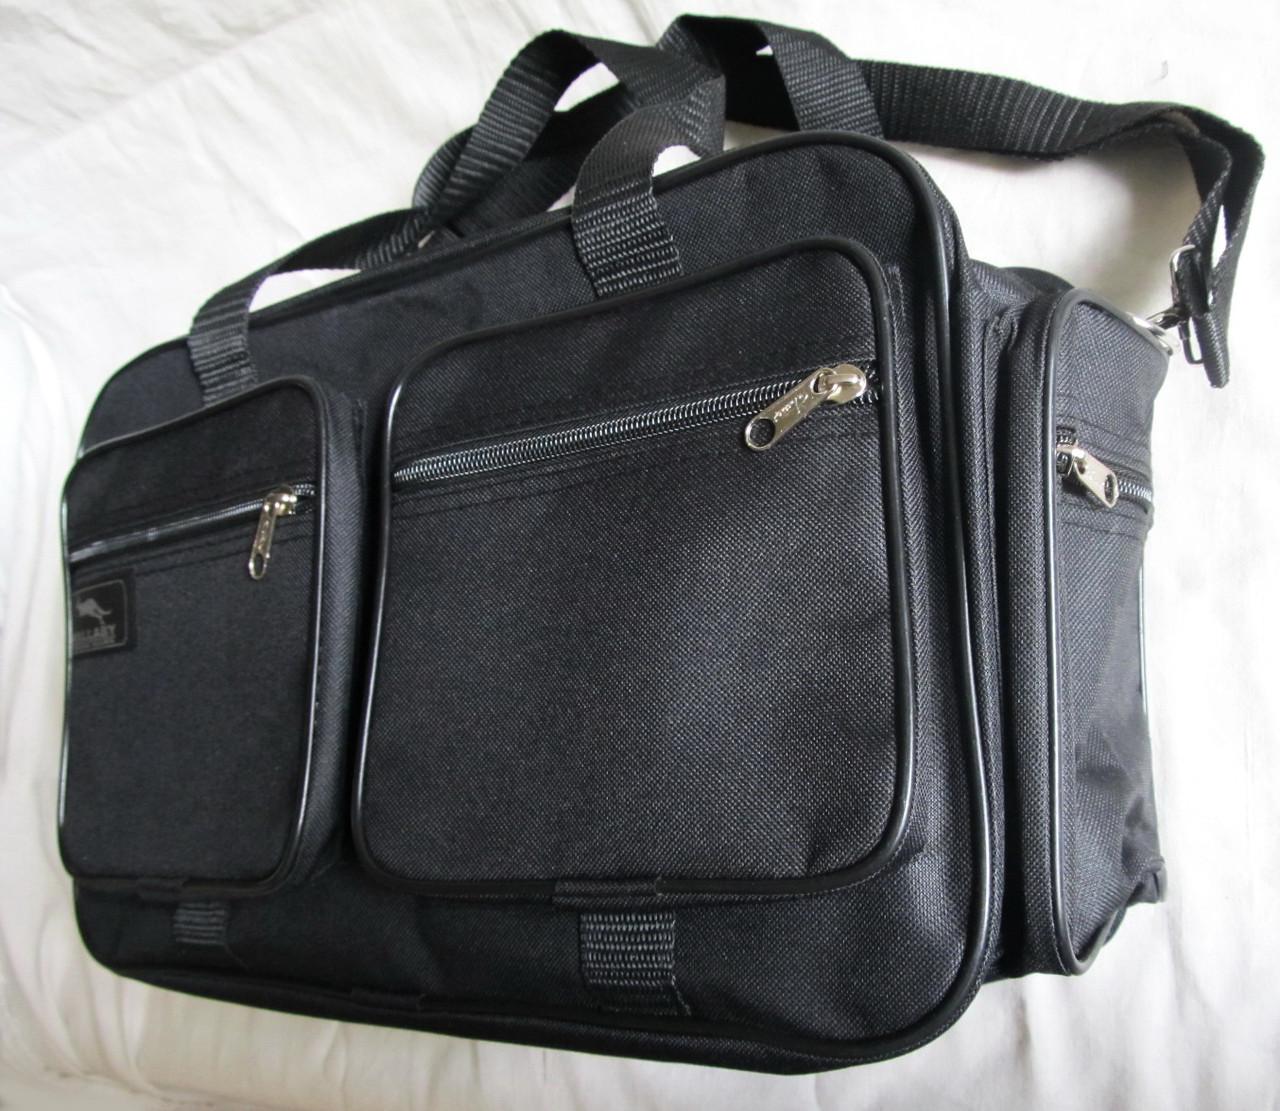 21c3e7f6e22c Мужская сумка Wallaby 2691 черная барсетка через плечо портфель А4+  42x28x19см - Интернет-магазин